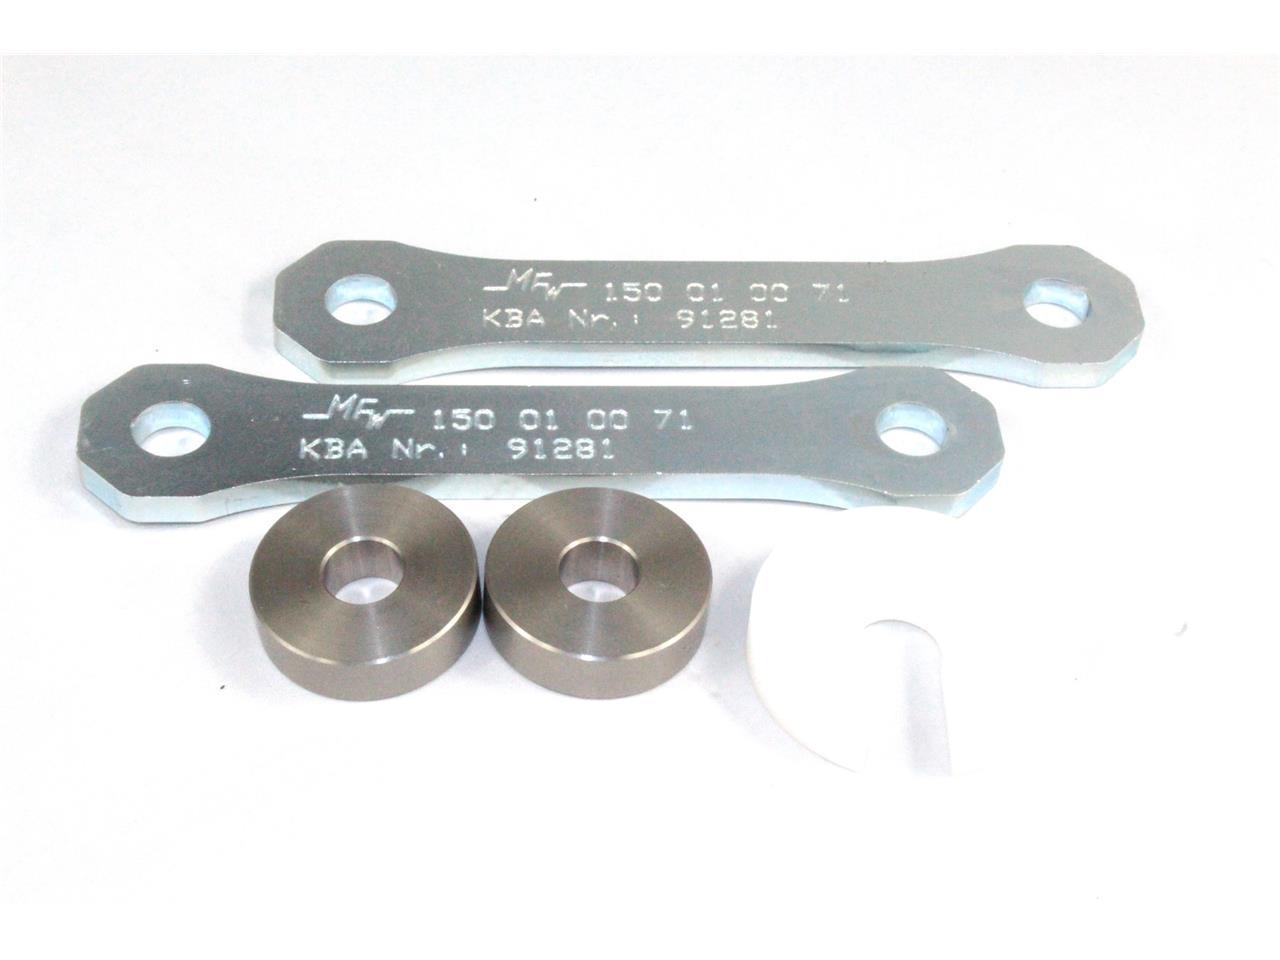 Kit rabaissement de selle -30 mm Tecnium pour Suzuki GSR 750 11-16